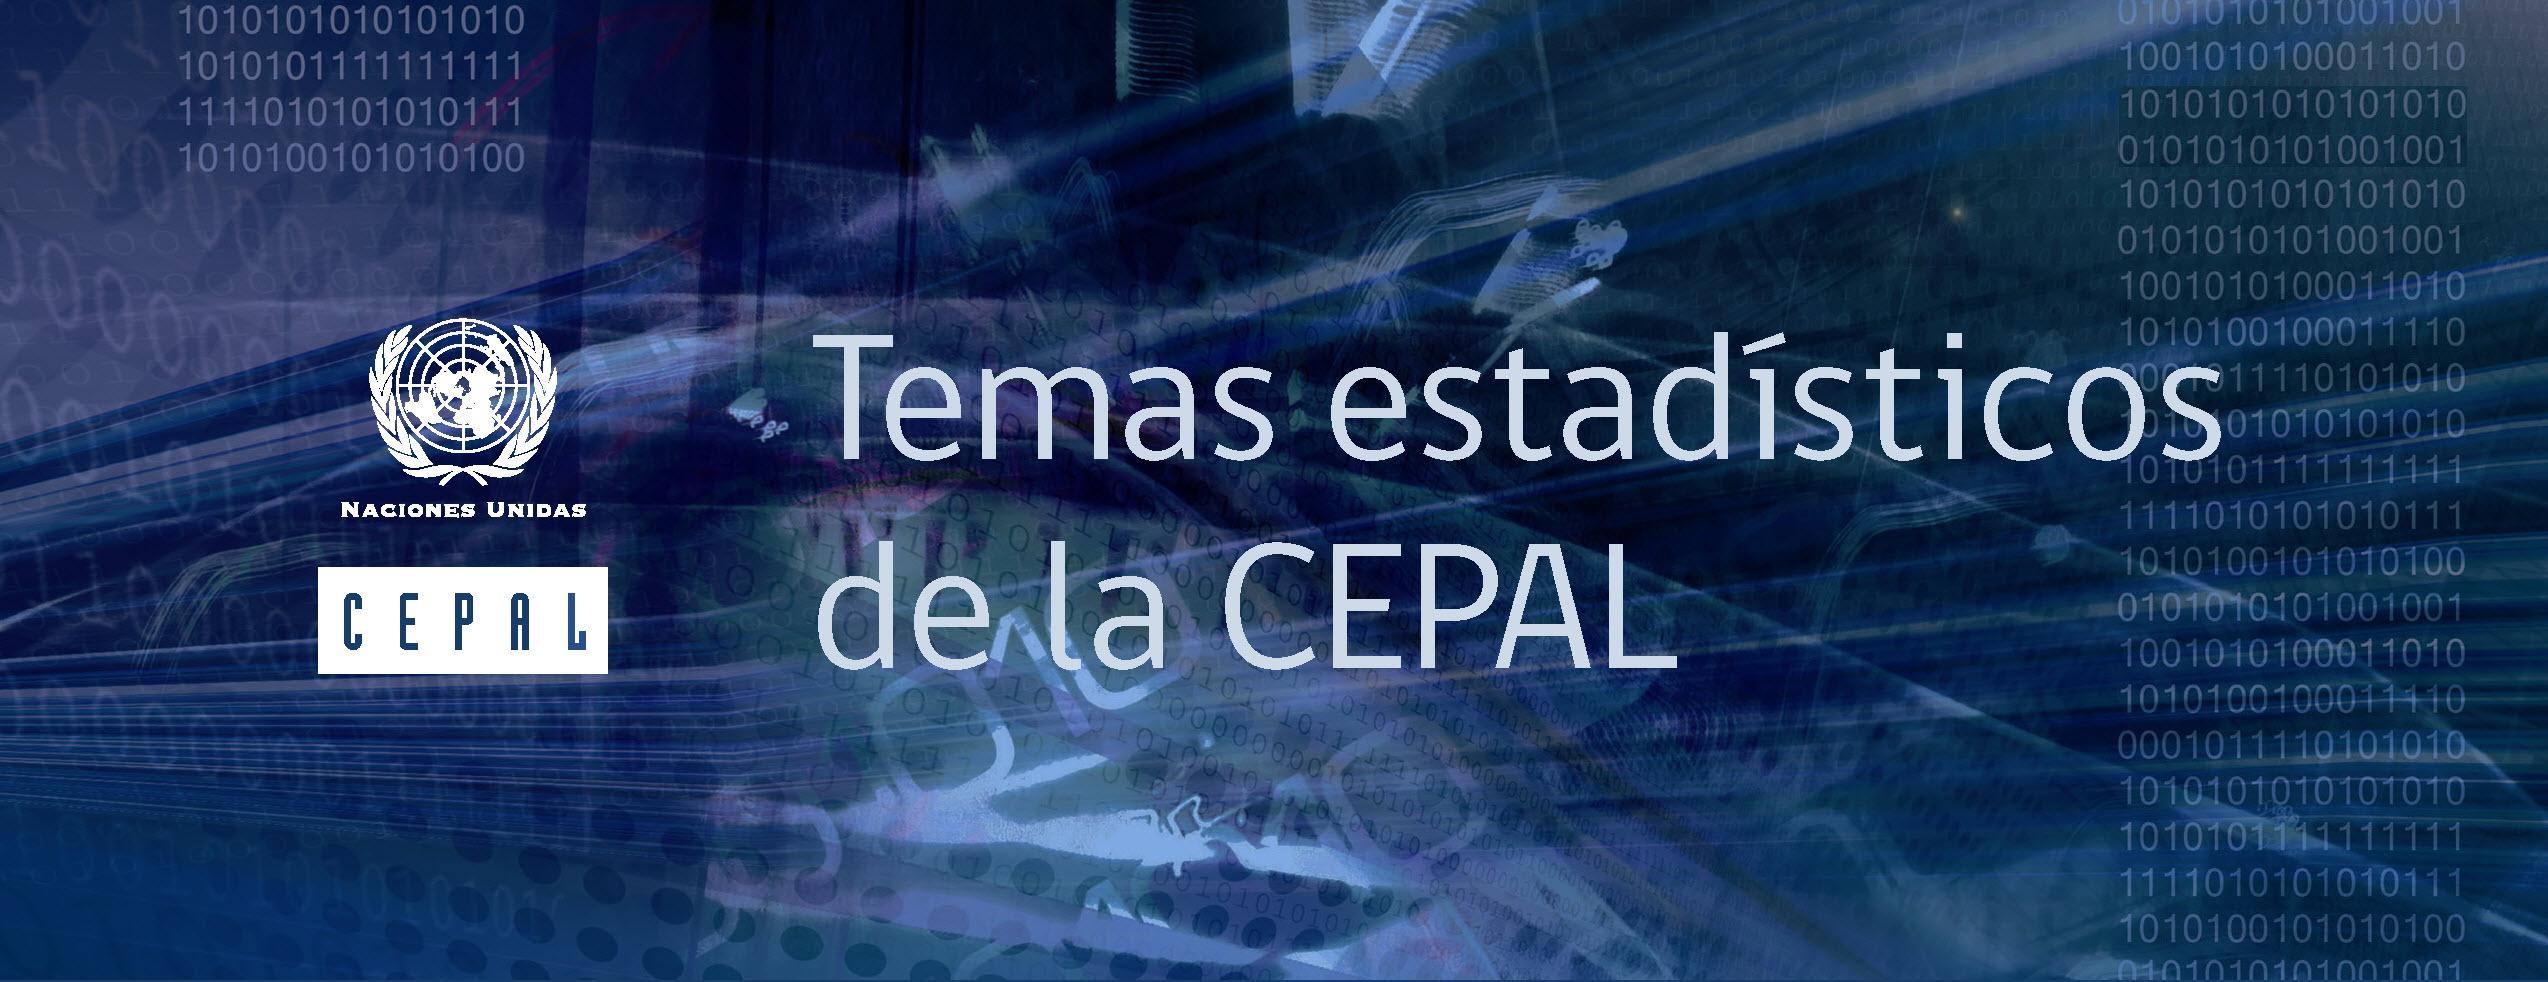 Banner Temas estadísticos de la CEPAL